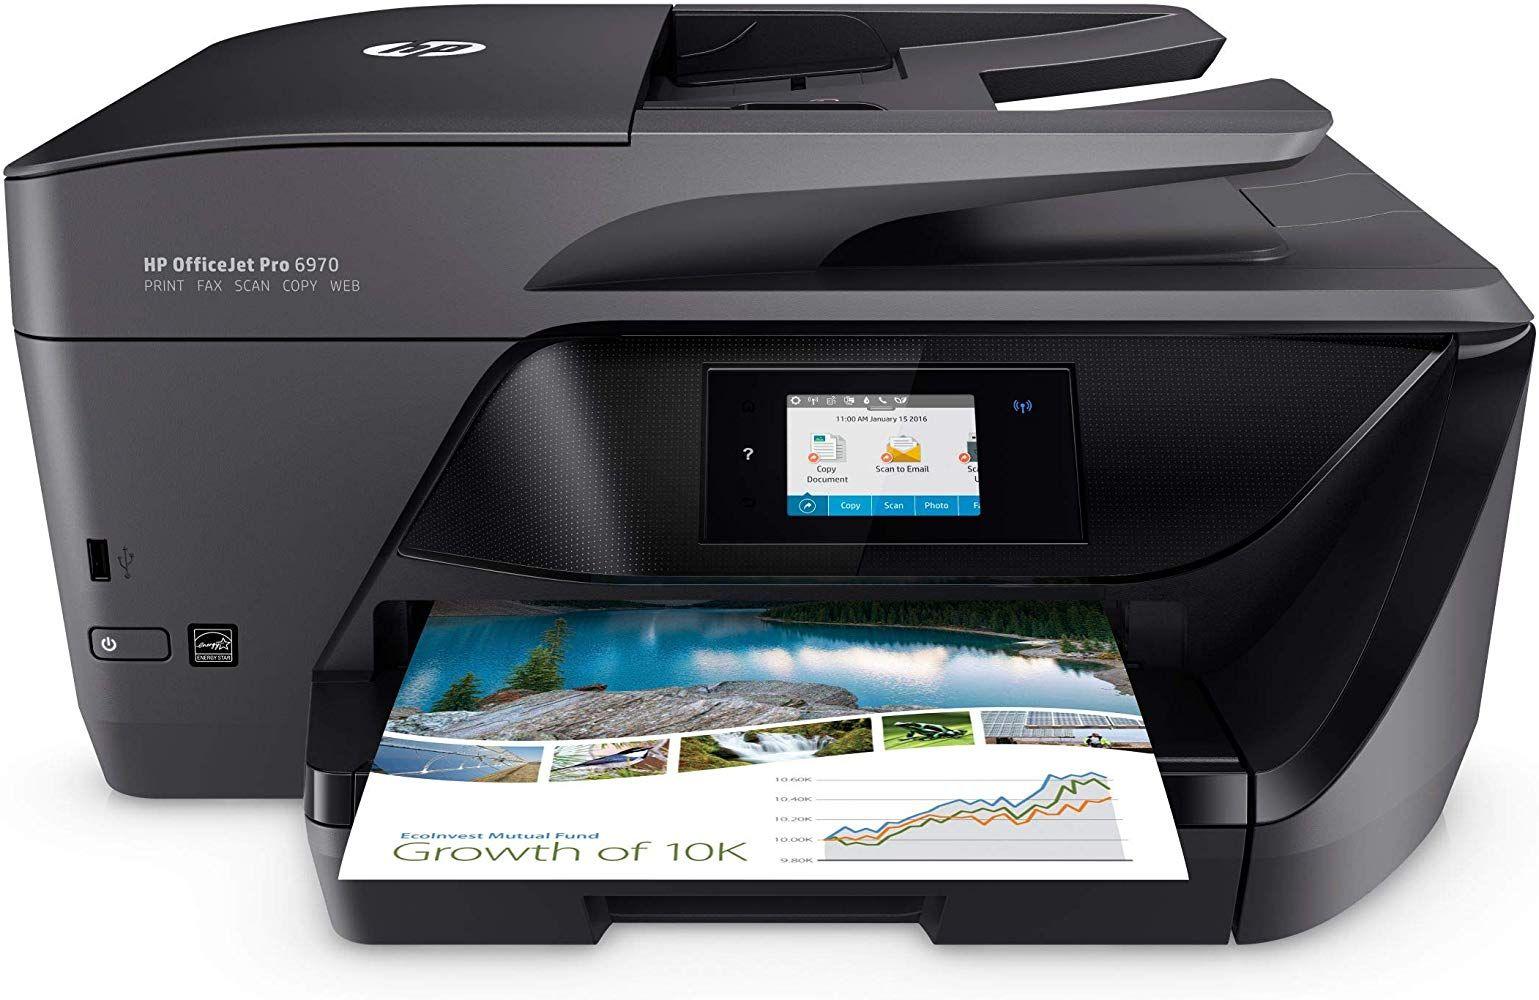 Hp Officejet Pro 6970 Multifunktionsdrucker Instant Ink Drucker